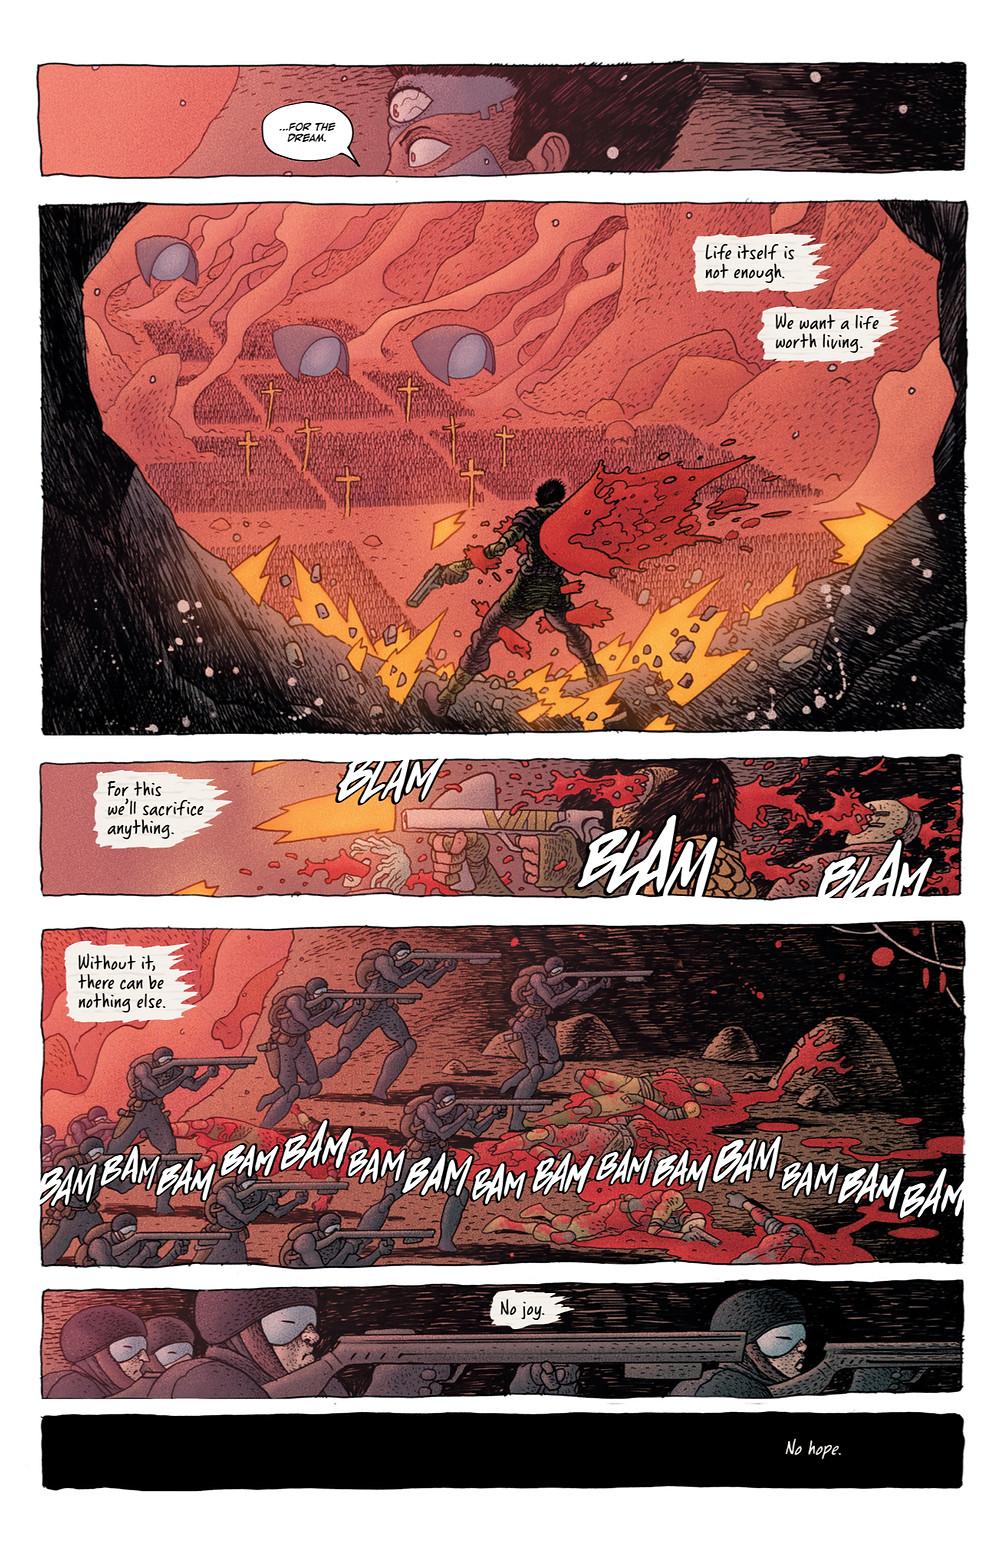 Little Bird, issue #4, page 6, Image Comics, Van Poelgeest/Bertram